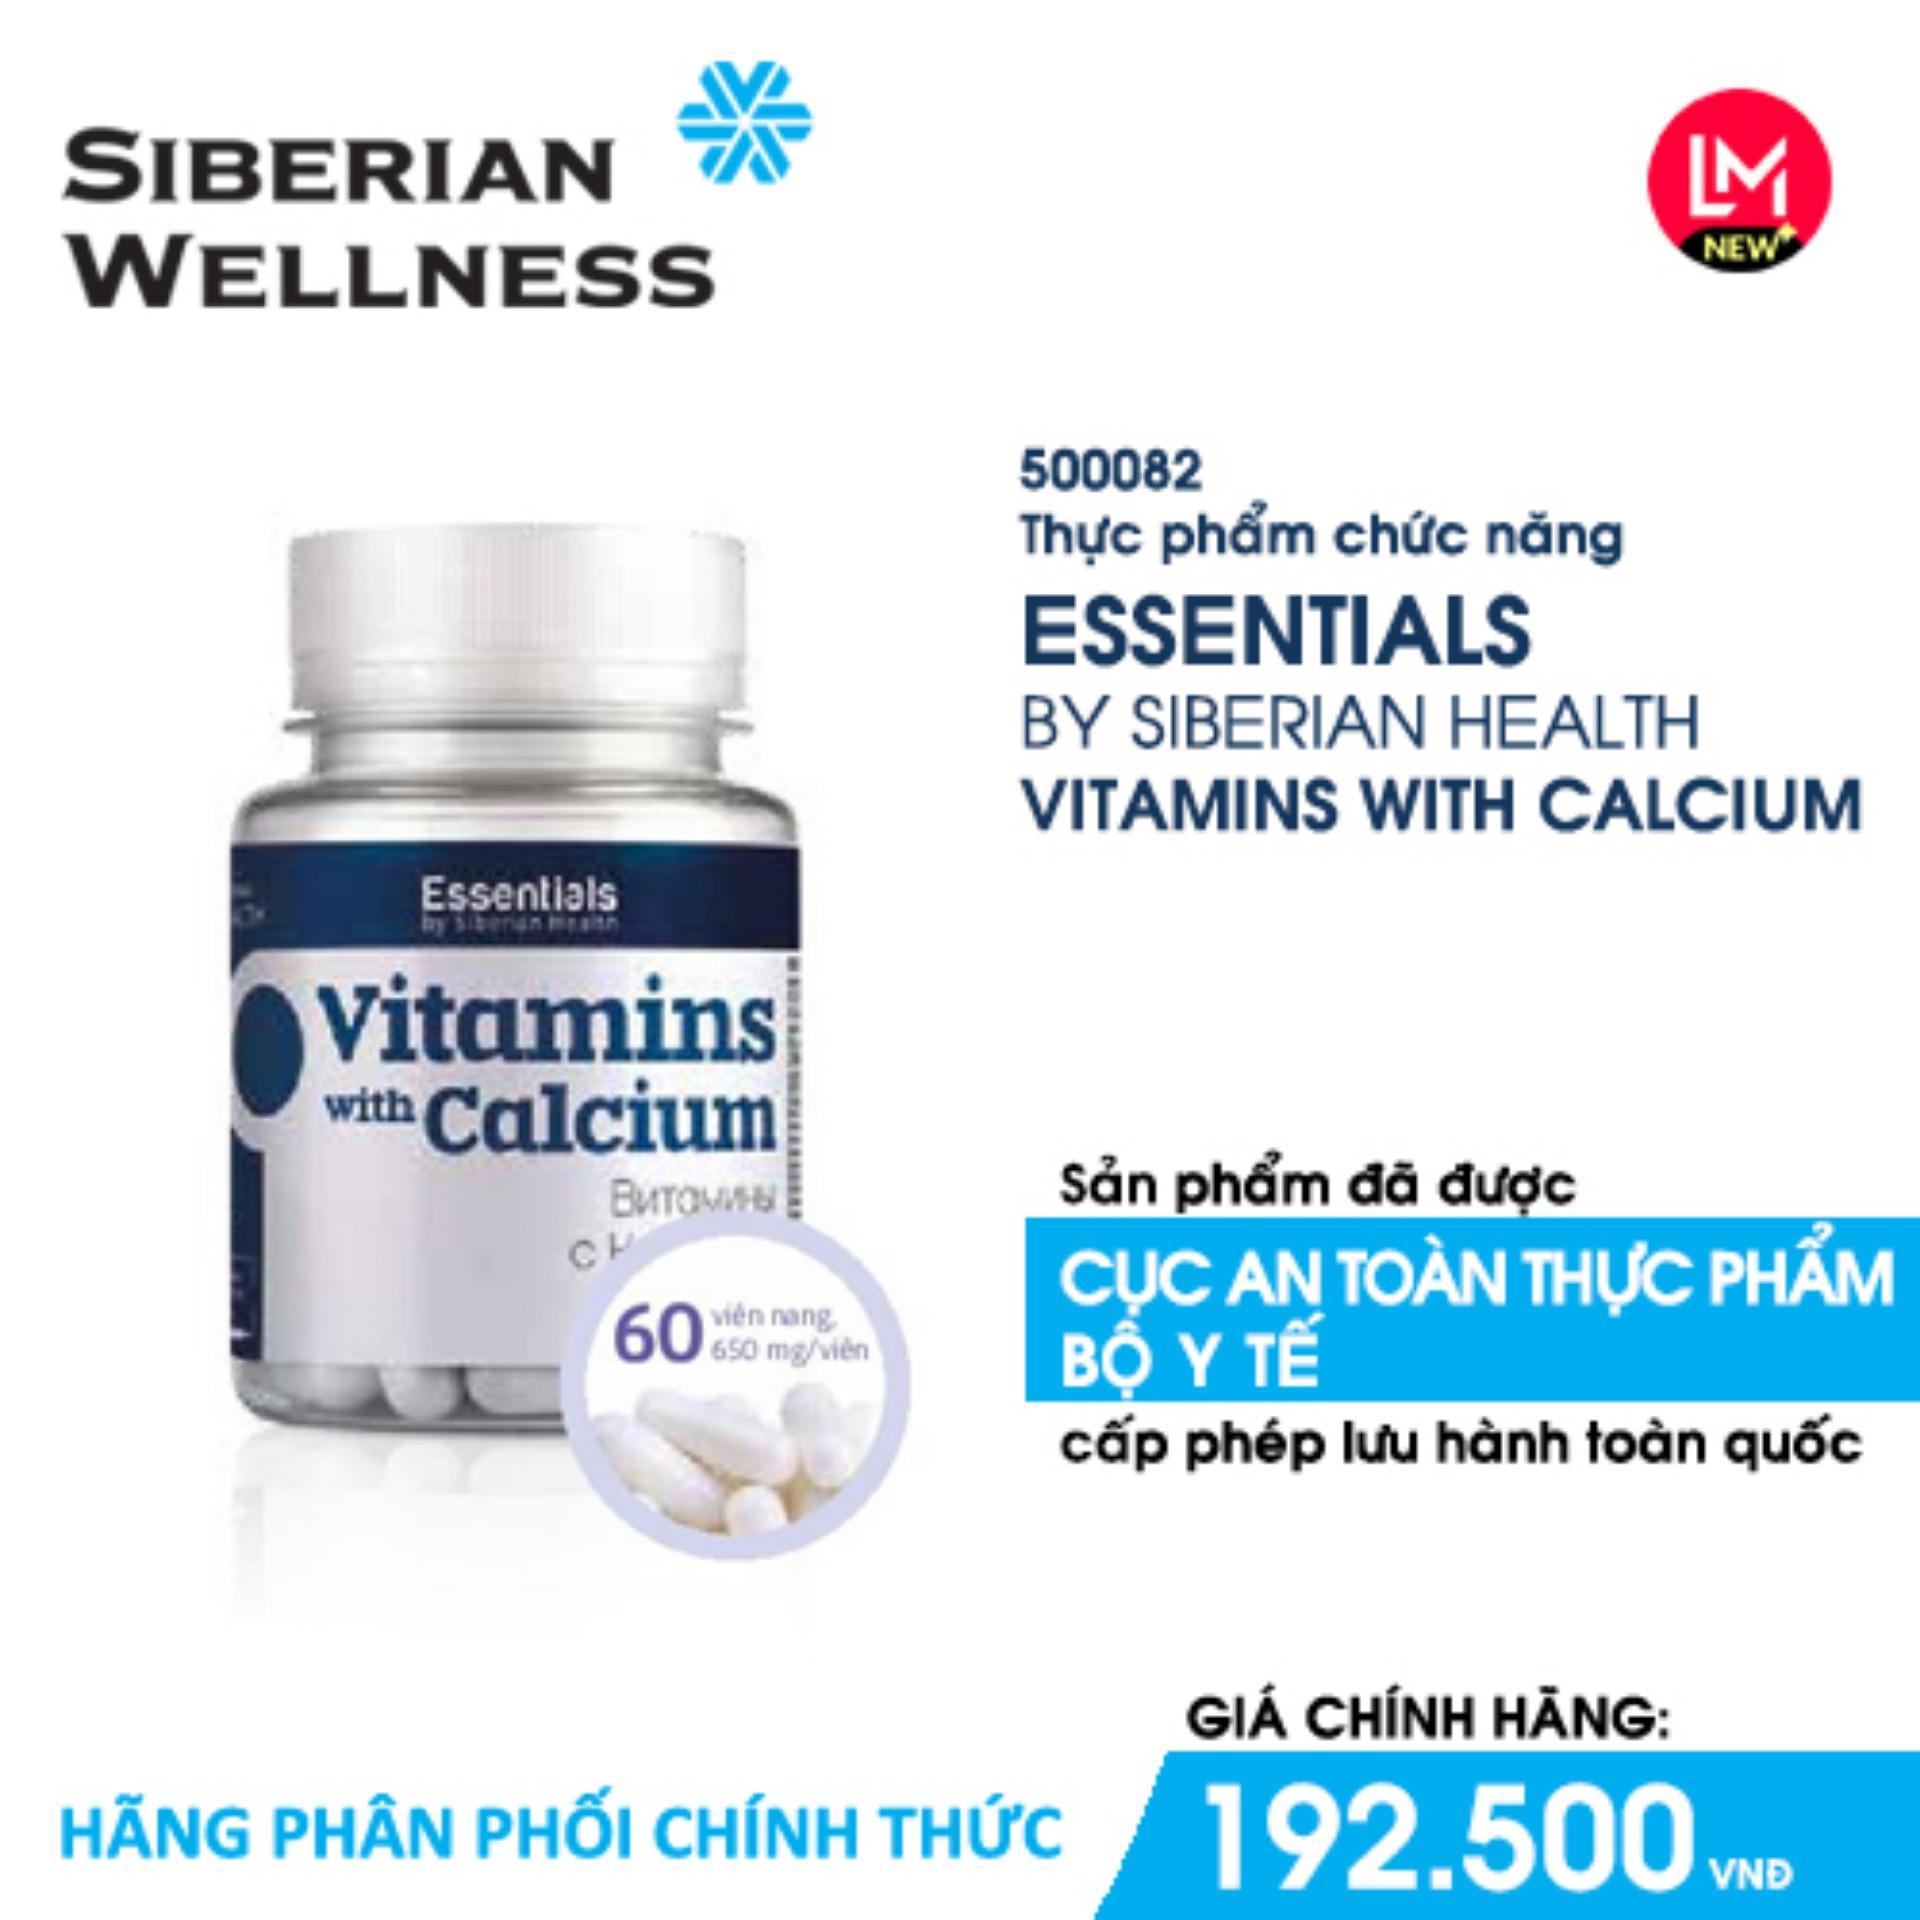 TPCN cung cấp bổ sung 12 loại vitamin kết hợp với can-xi; Giúp tăng cường sinh lực; Hỗ trợ khả năng làm việc của cơ thể Essentials by Siberian Health. Vitamins with Calcium (Siberian Health) - Hãng phân phối chính thức